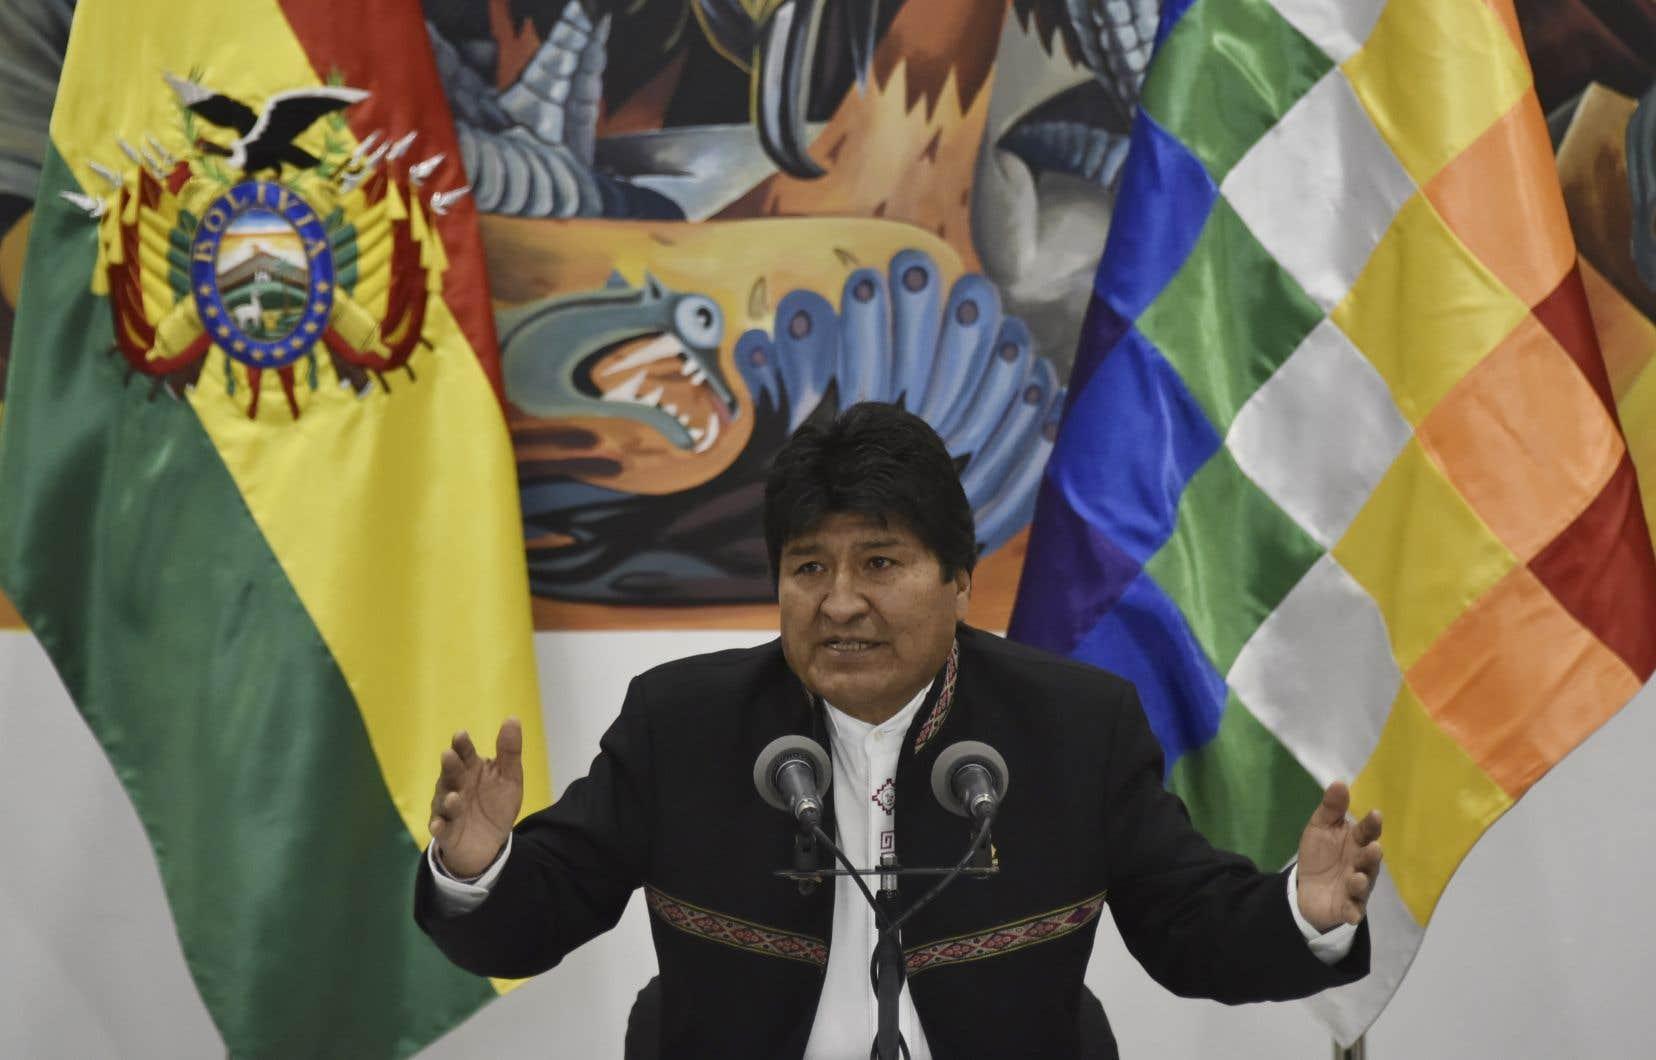 Evo Morales, ancien berger de lamas qui fêtait samedi ses 60ans, a atterri dans le fauteuil présidentiel en 2006, propulsé par un puissant syndicat de producteurs de coca à la tête duquel il est toujours.